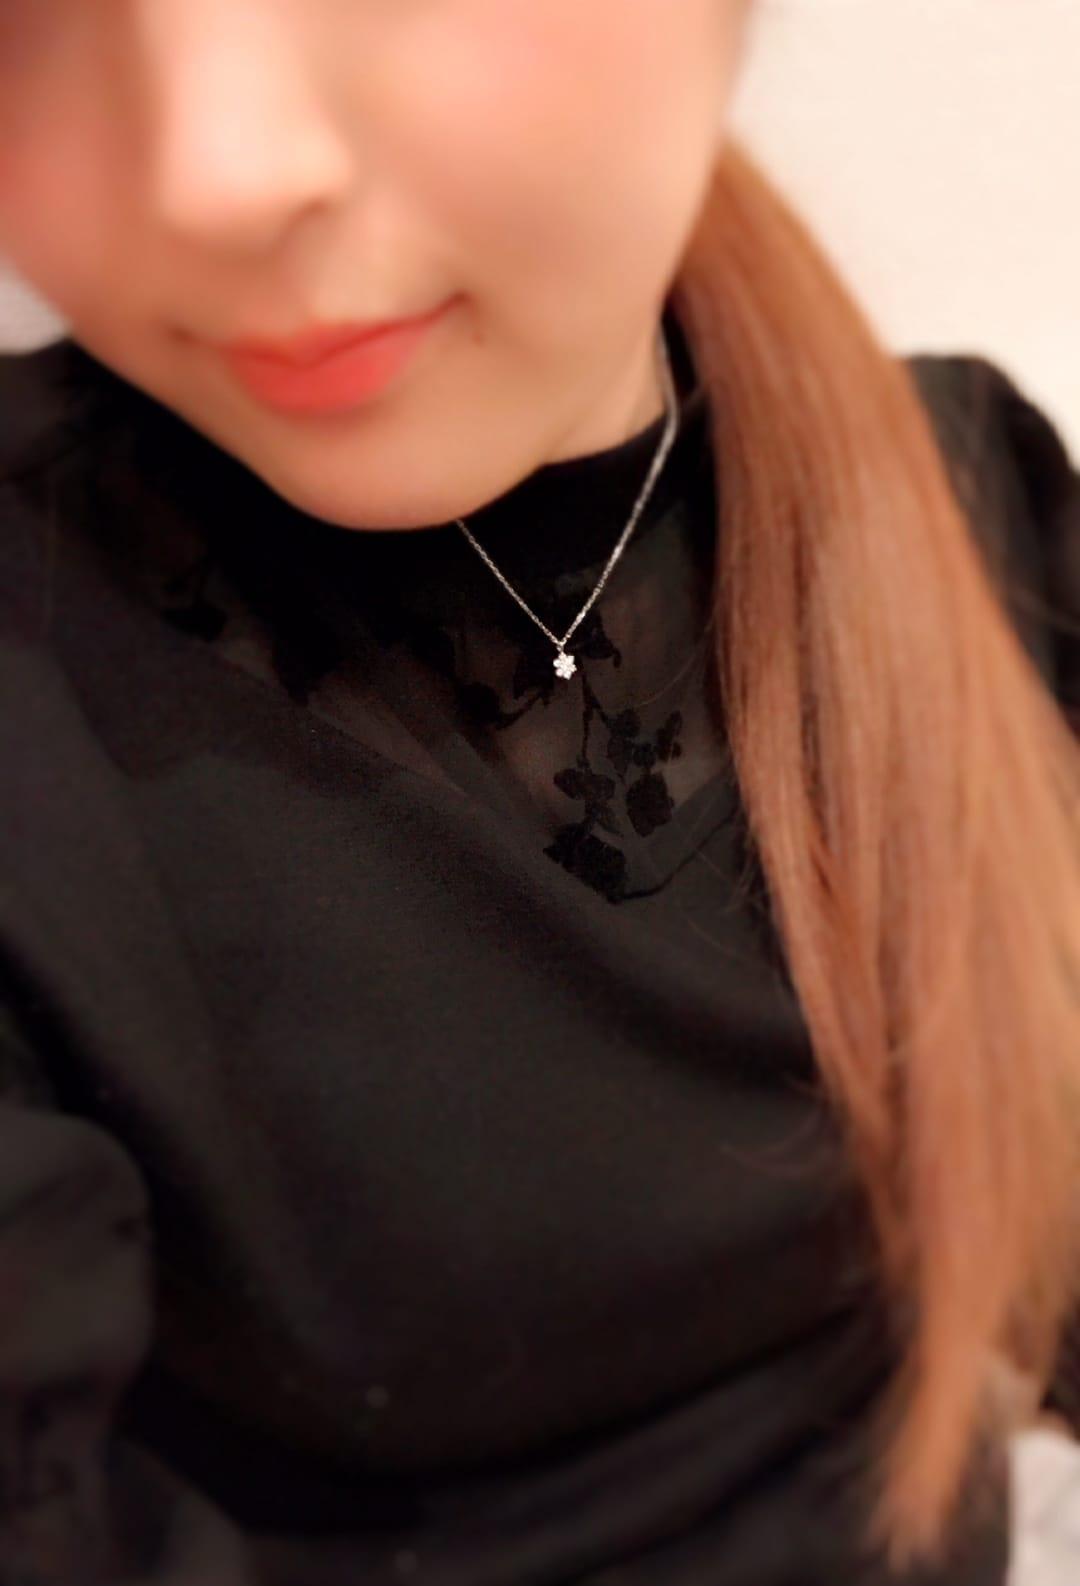 ゆき「今日は!」03/19(月) 19:30 | ゆきの写メ・風俗動画